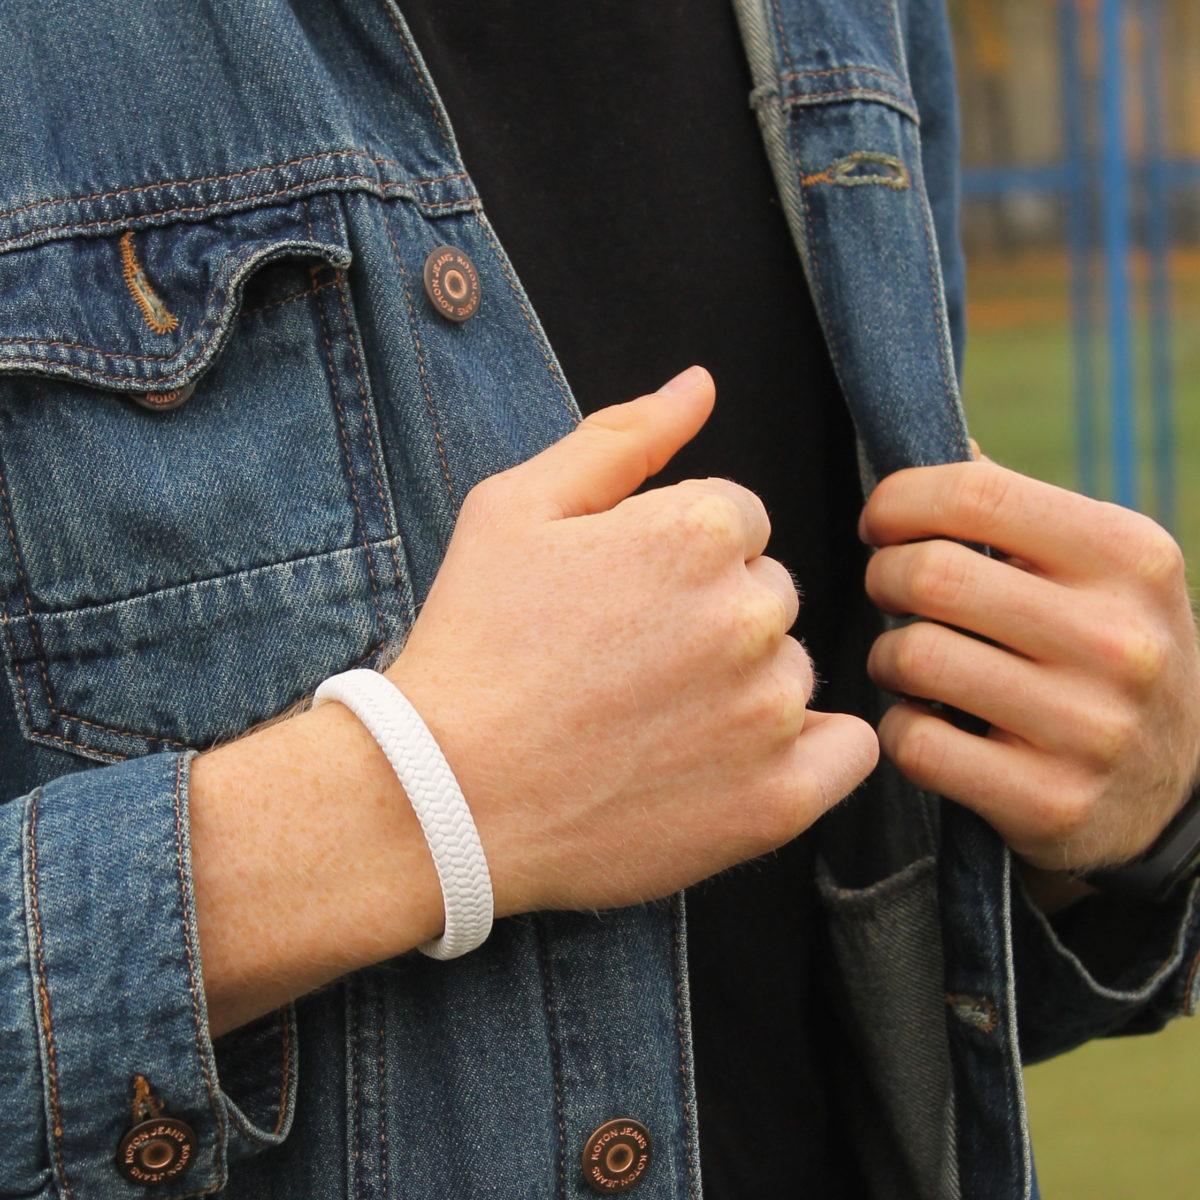 Белый плетеный из кожи браслет на руке